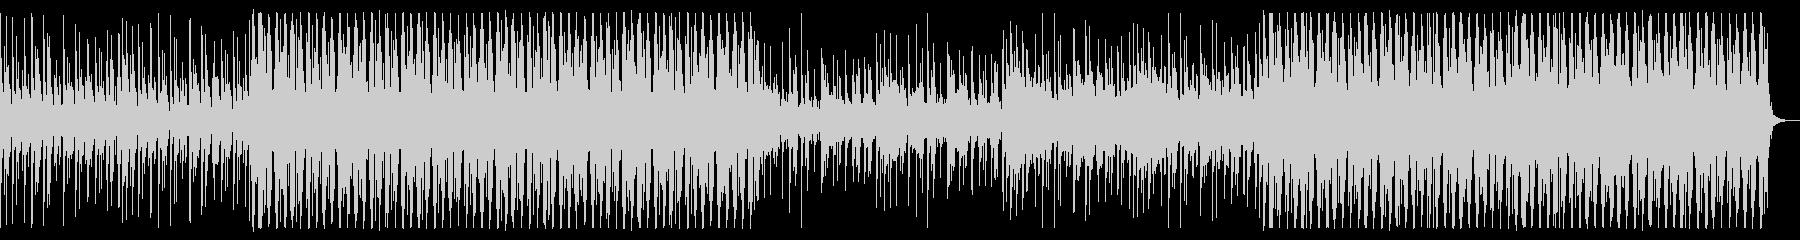 古代遺跡/ジャングル_No664_1の未再生の波形